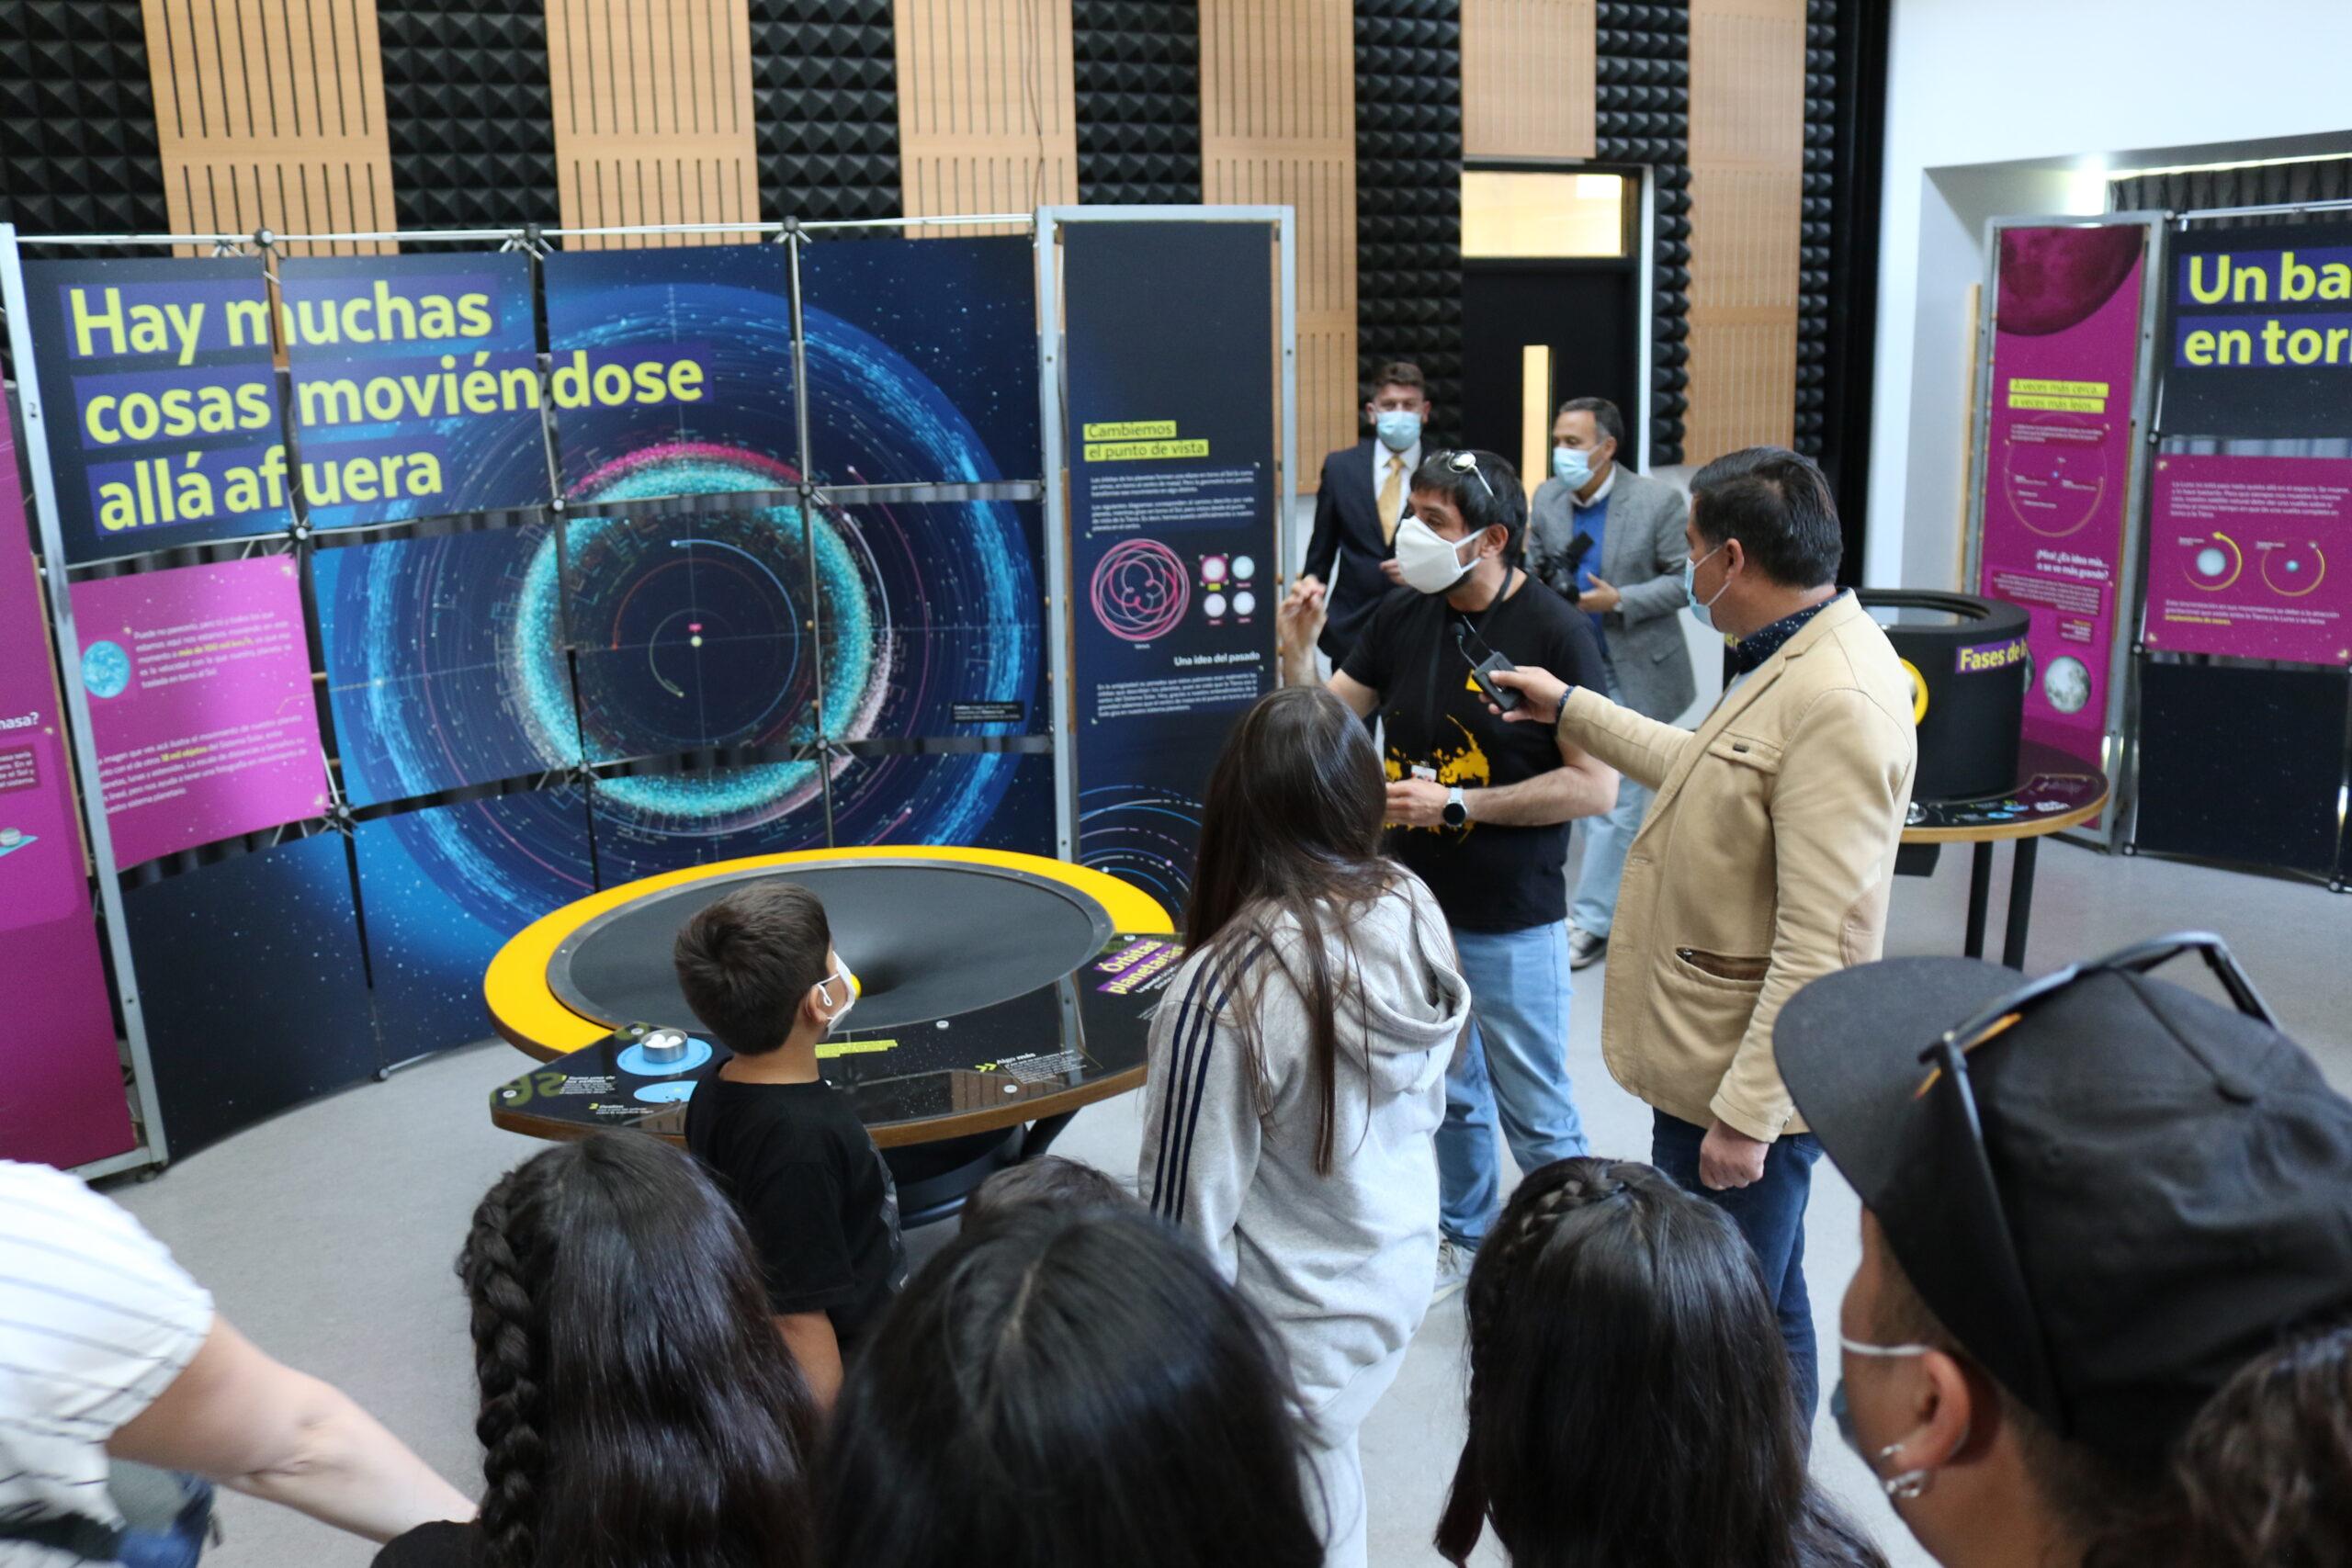 MIM invita a conocer los misterios del Universo con exhibición interactiva en nuevo Cecrea Vallenar